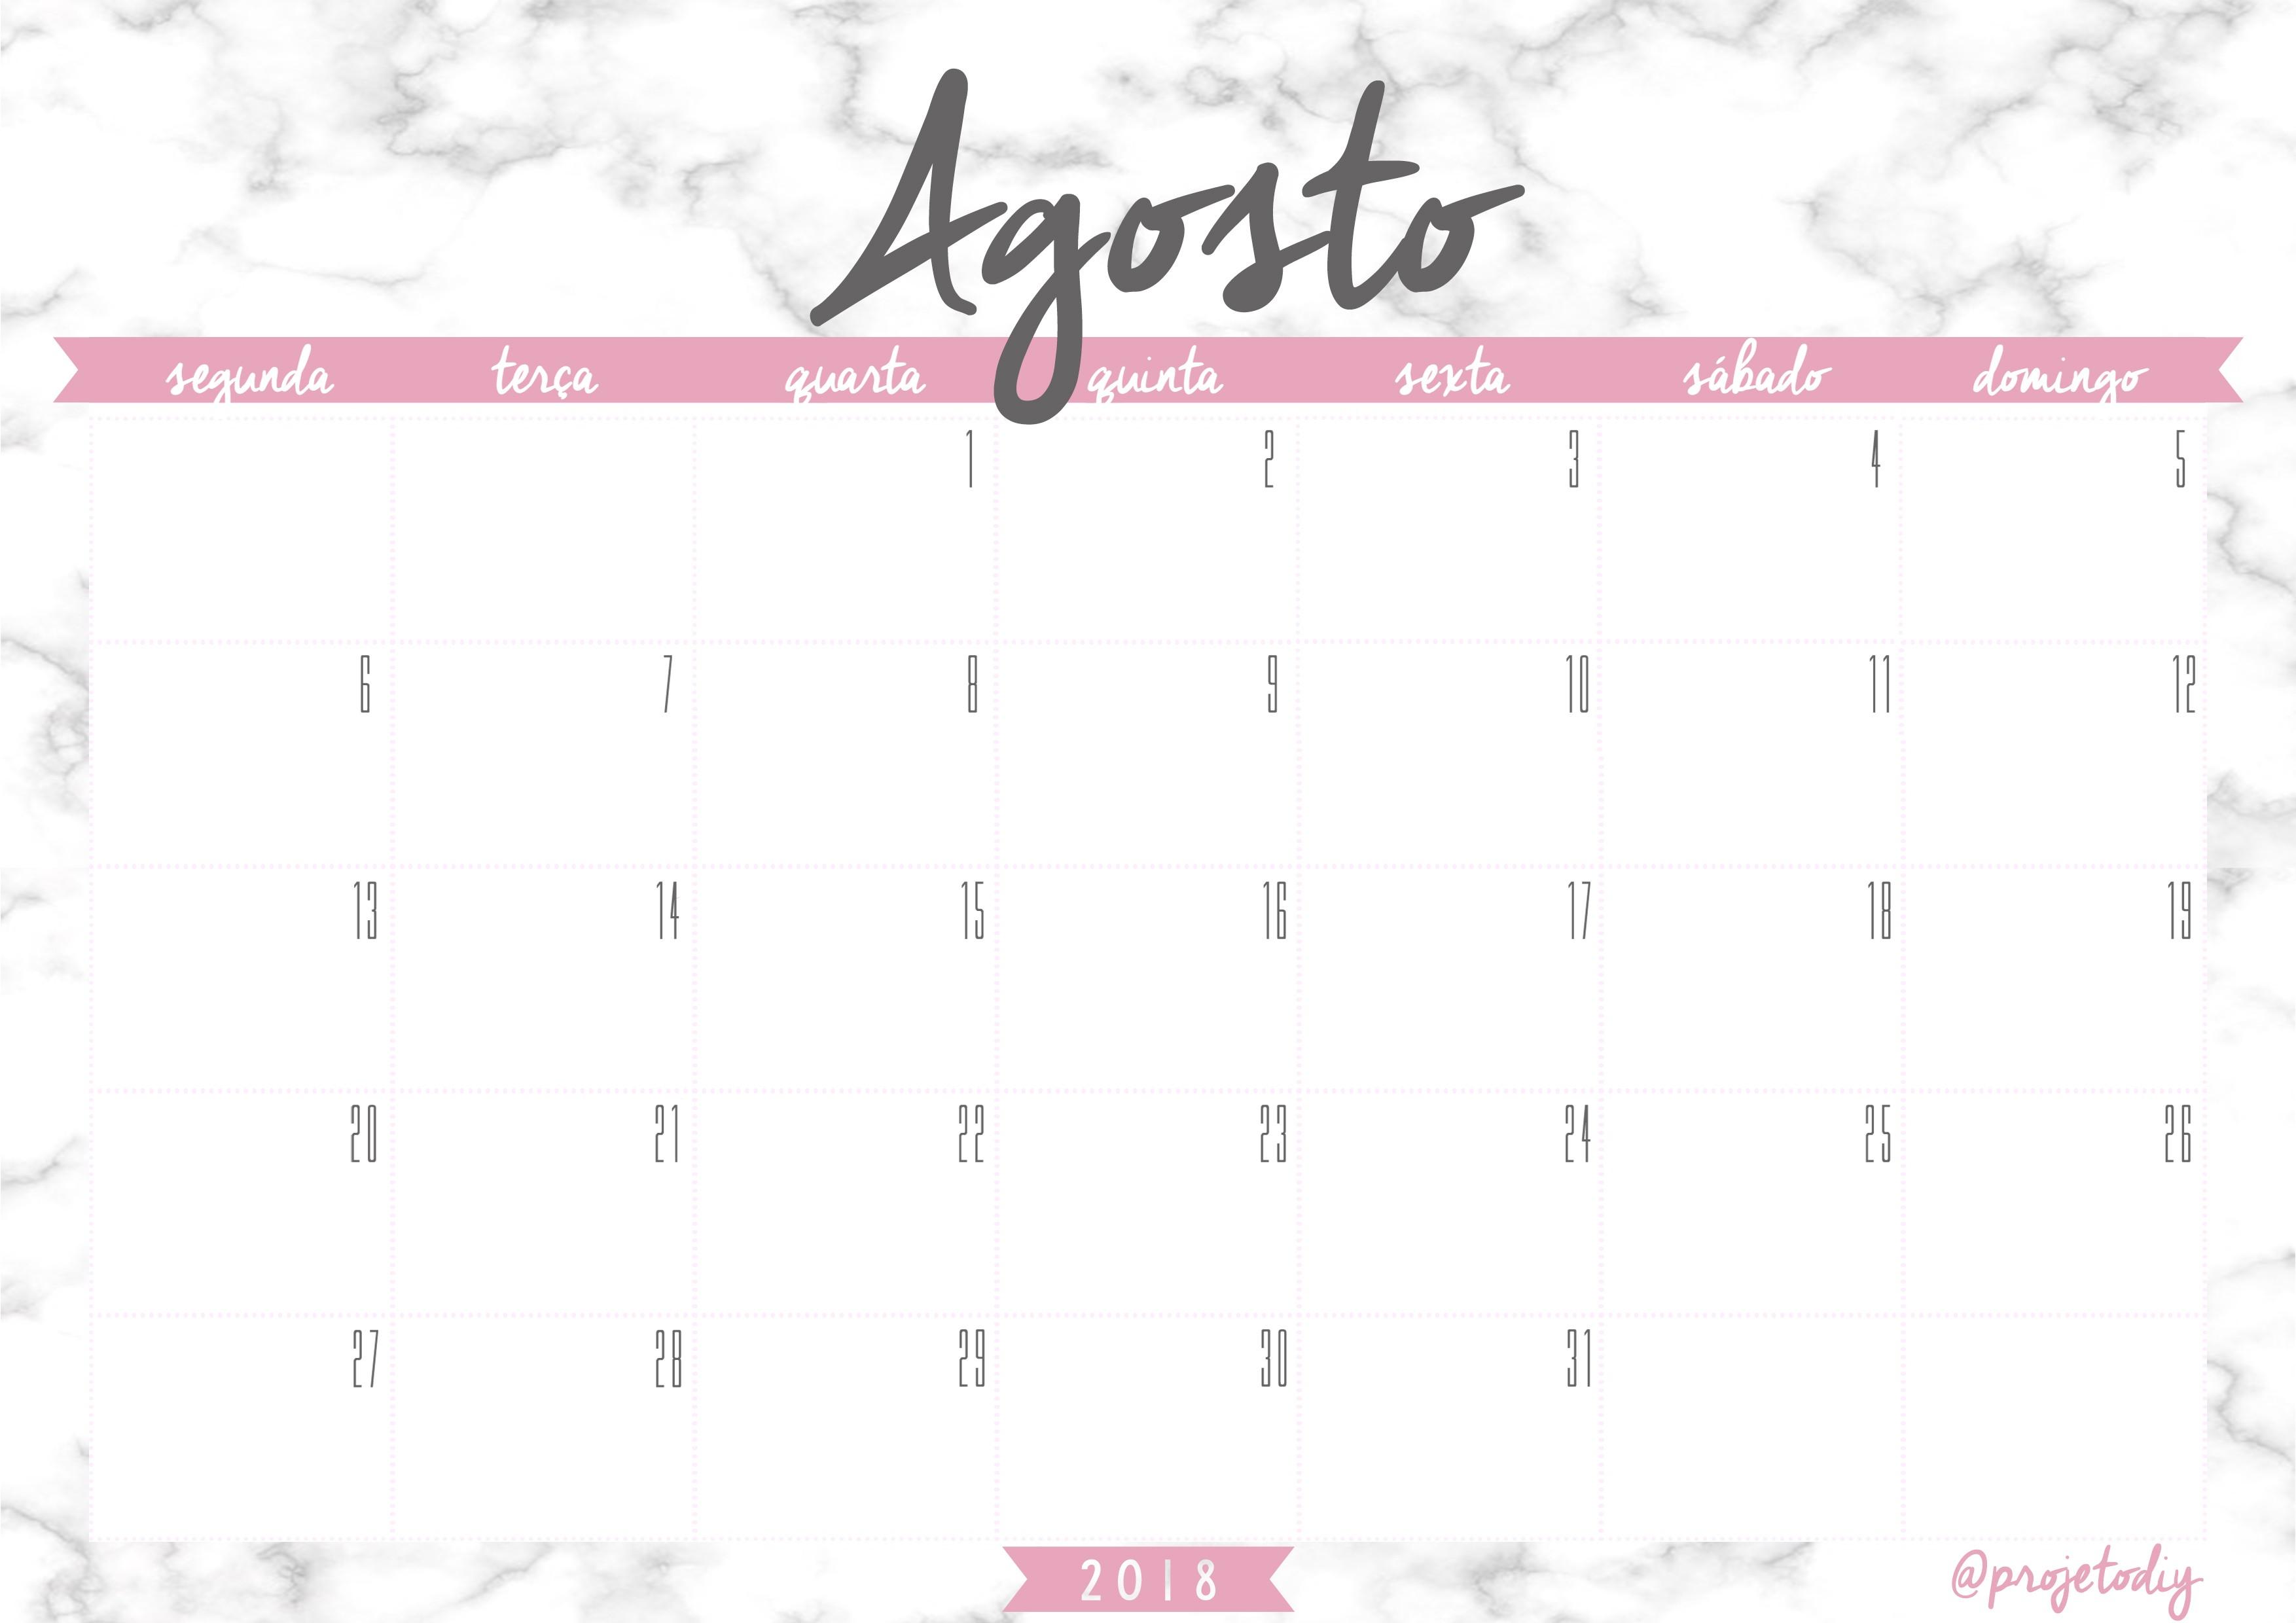 Calendario Novembro 2018 Imprimir t